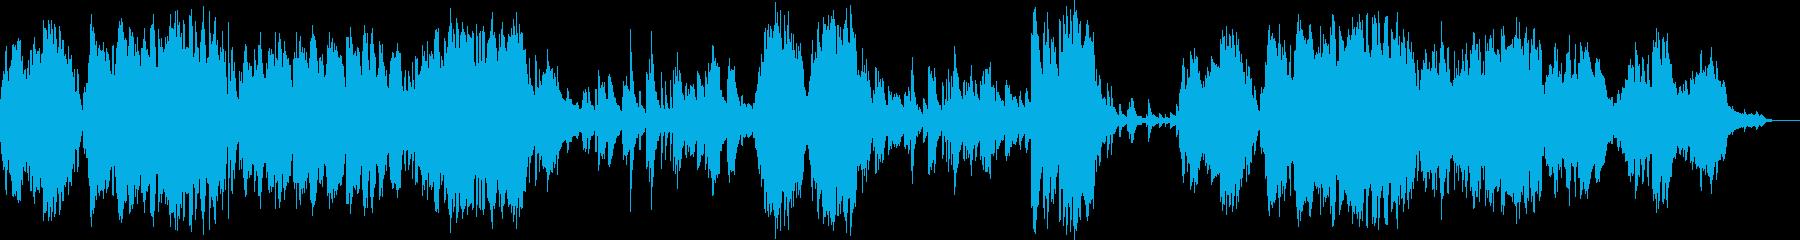 クロード・ドビュッシー初期のピアノ作品の再生済みの波形